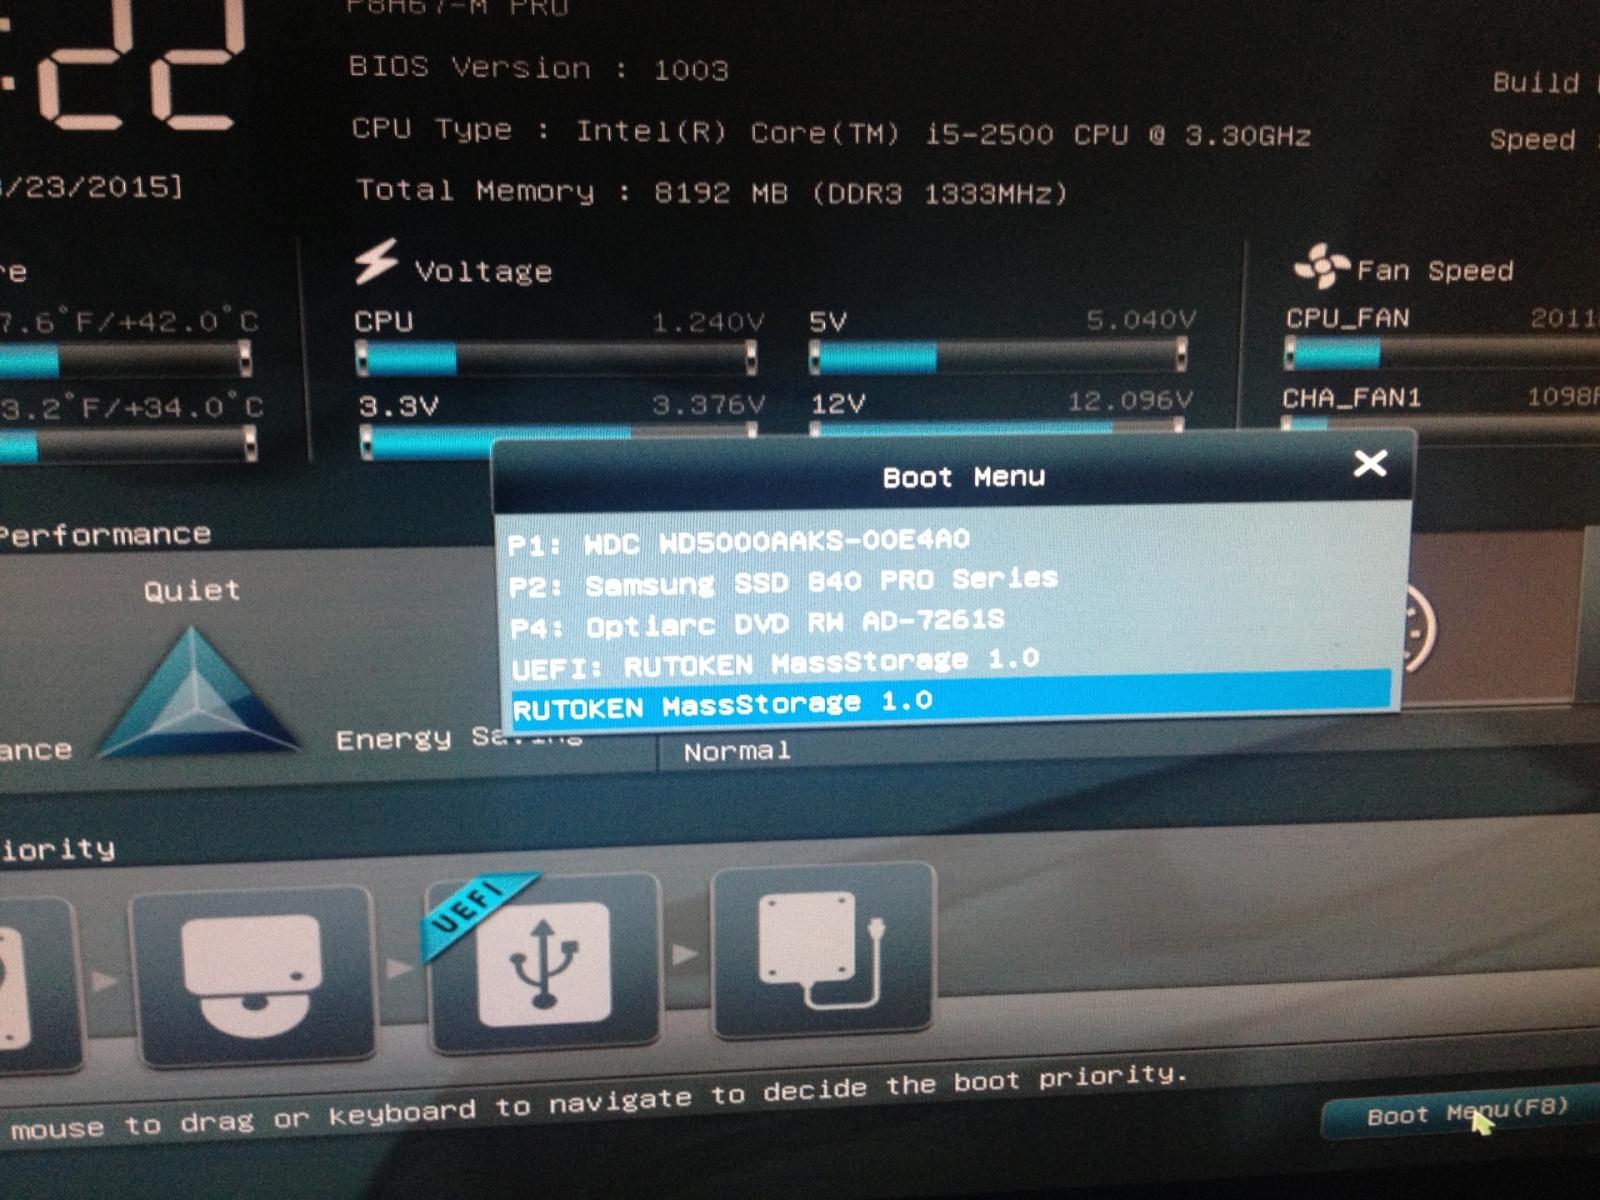 Электронная подпись в доверенной среде на базe загрузочной Ubuntu 14.04 LTS и Рутокен ЭЦП Flash - 2